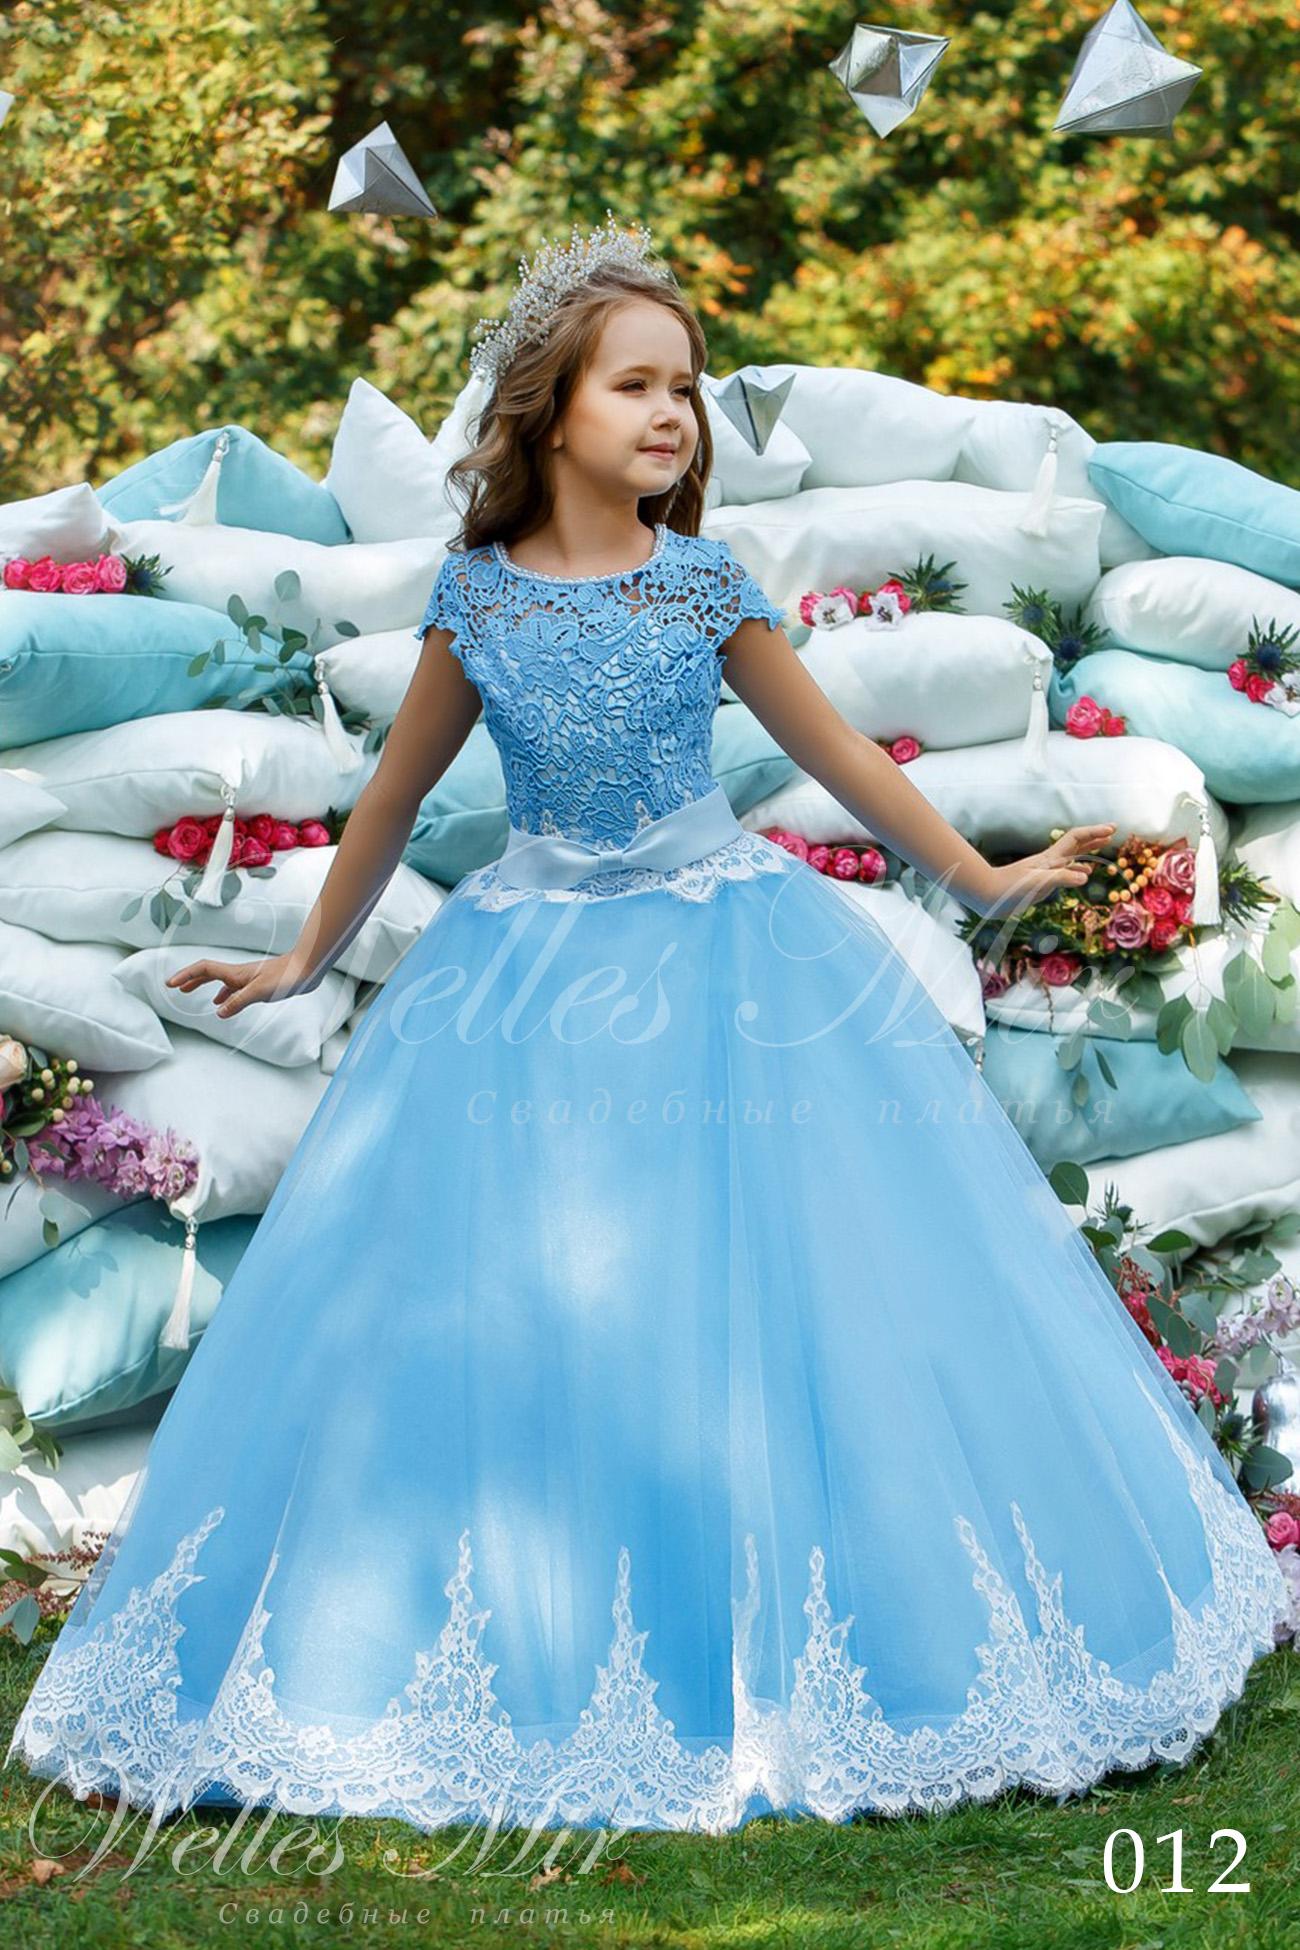 Дитяча сукня  з мереживом Wellesmir